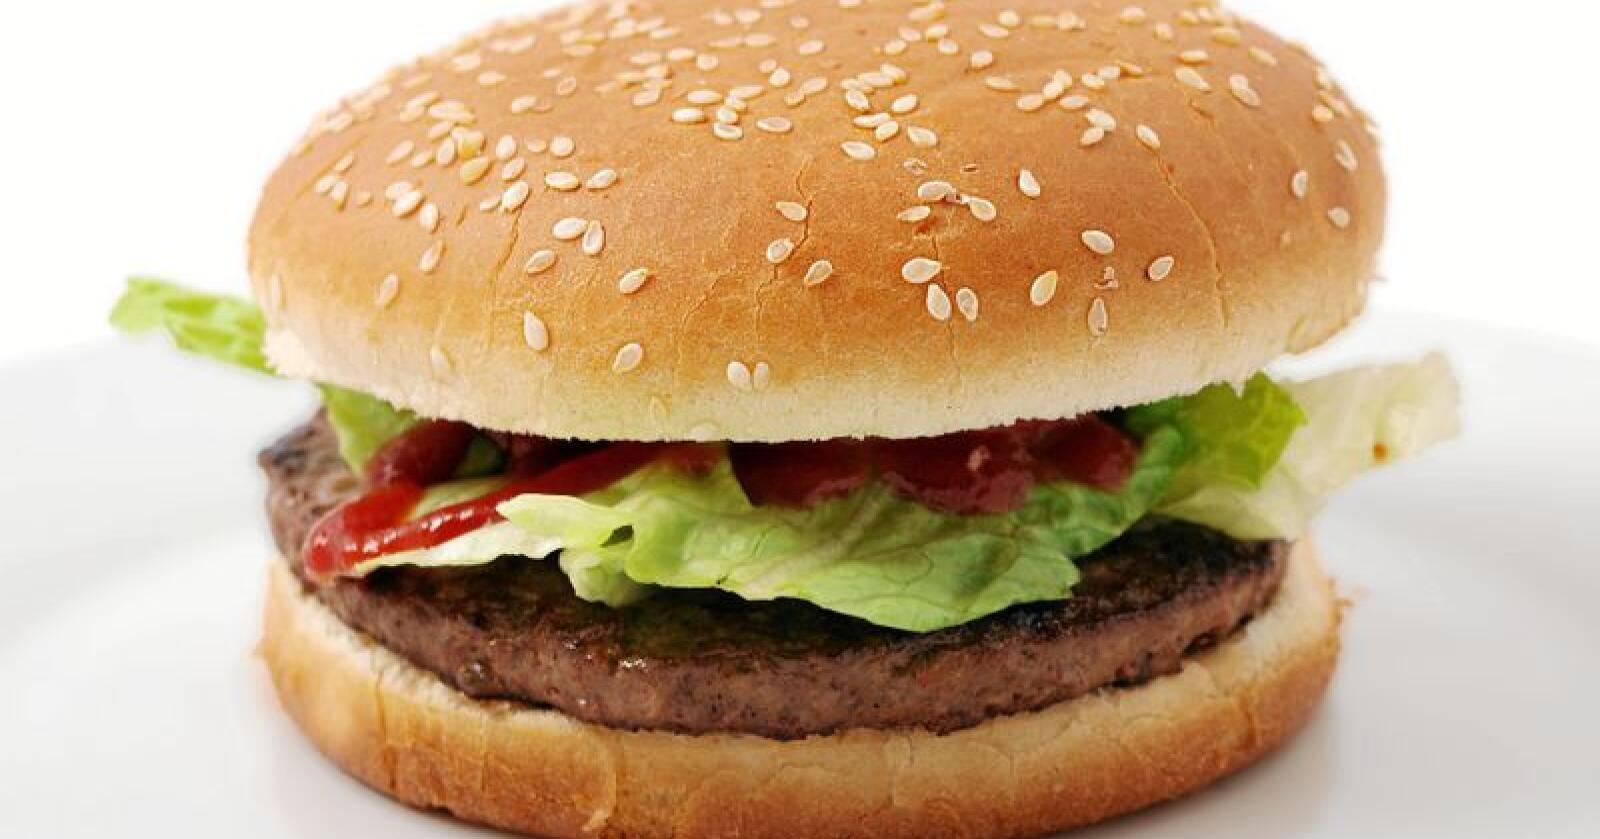 Denne burgeren er laget av kjøtt, og slik bør det være om man skal kunne bruke termen «burger», mener flertallet i EU-parlamentets landbrukskomité. Foto: Colourbox